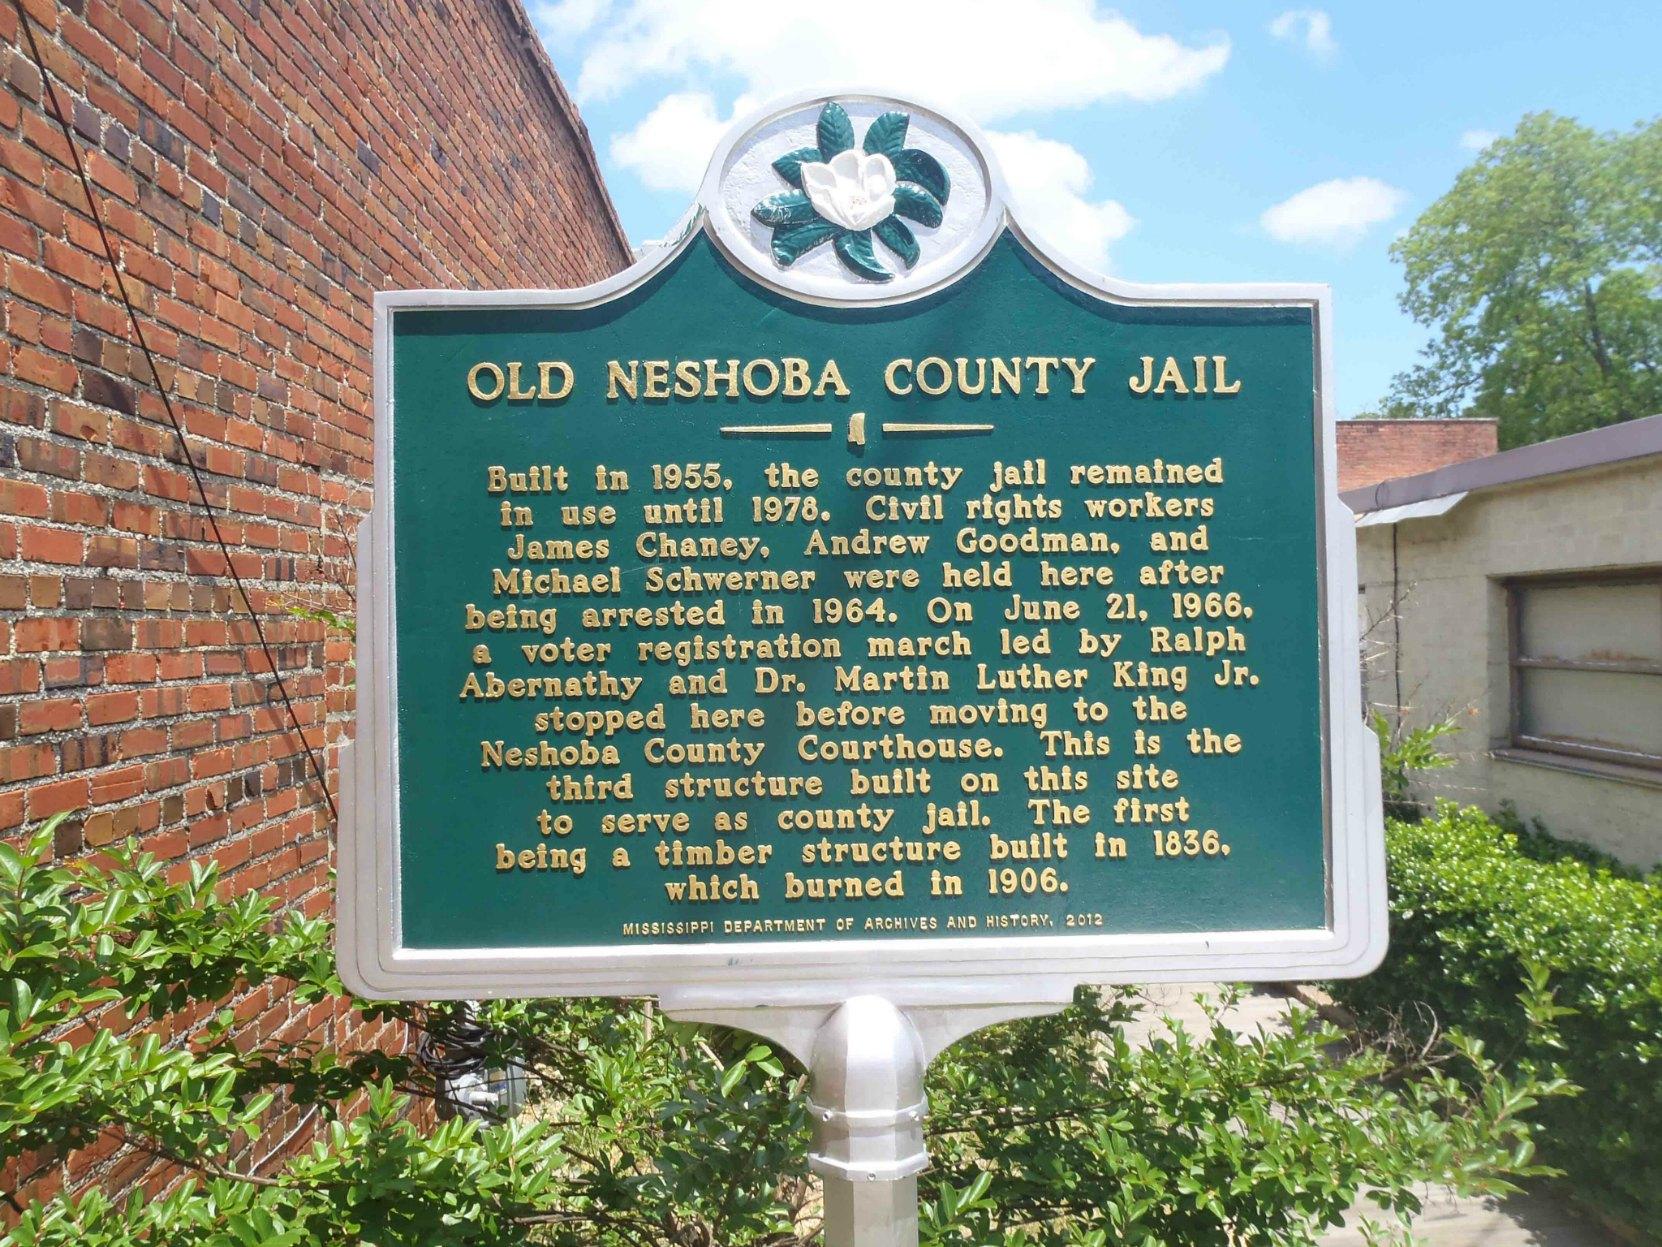 Mississippi Department of Archives & History marker for Old Neshoba County Jail, Philadelphia, Neshoba County, Mississippi.